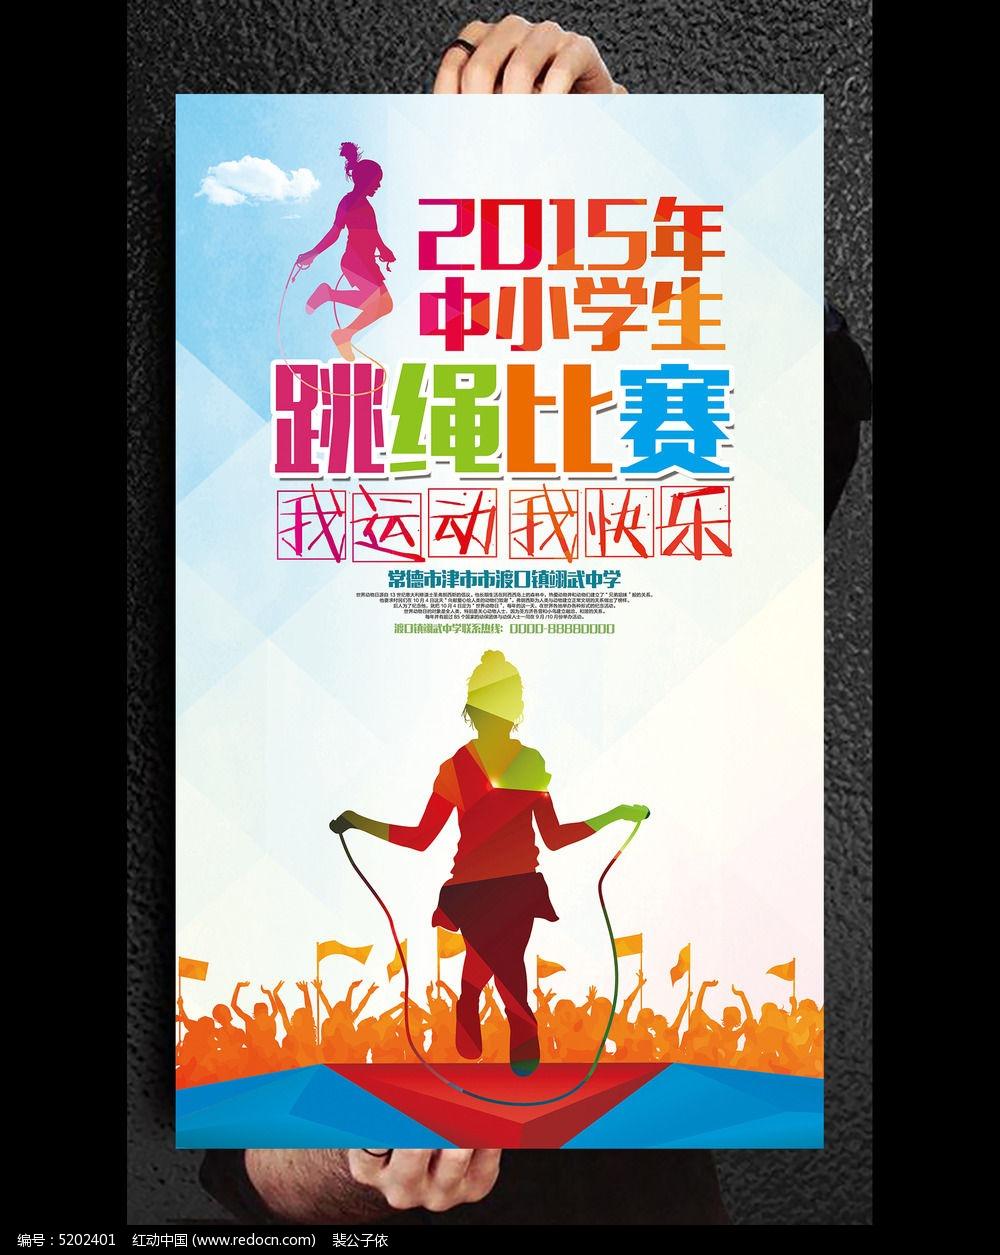 中小学生跳绳比赛海报设计图片